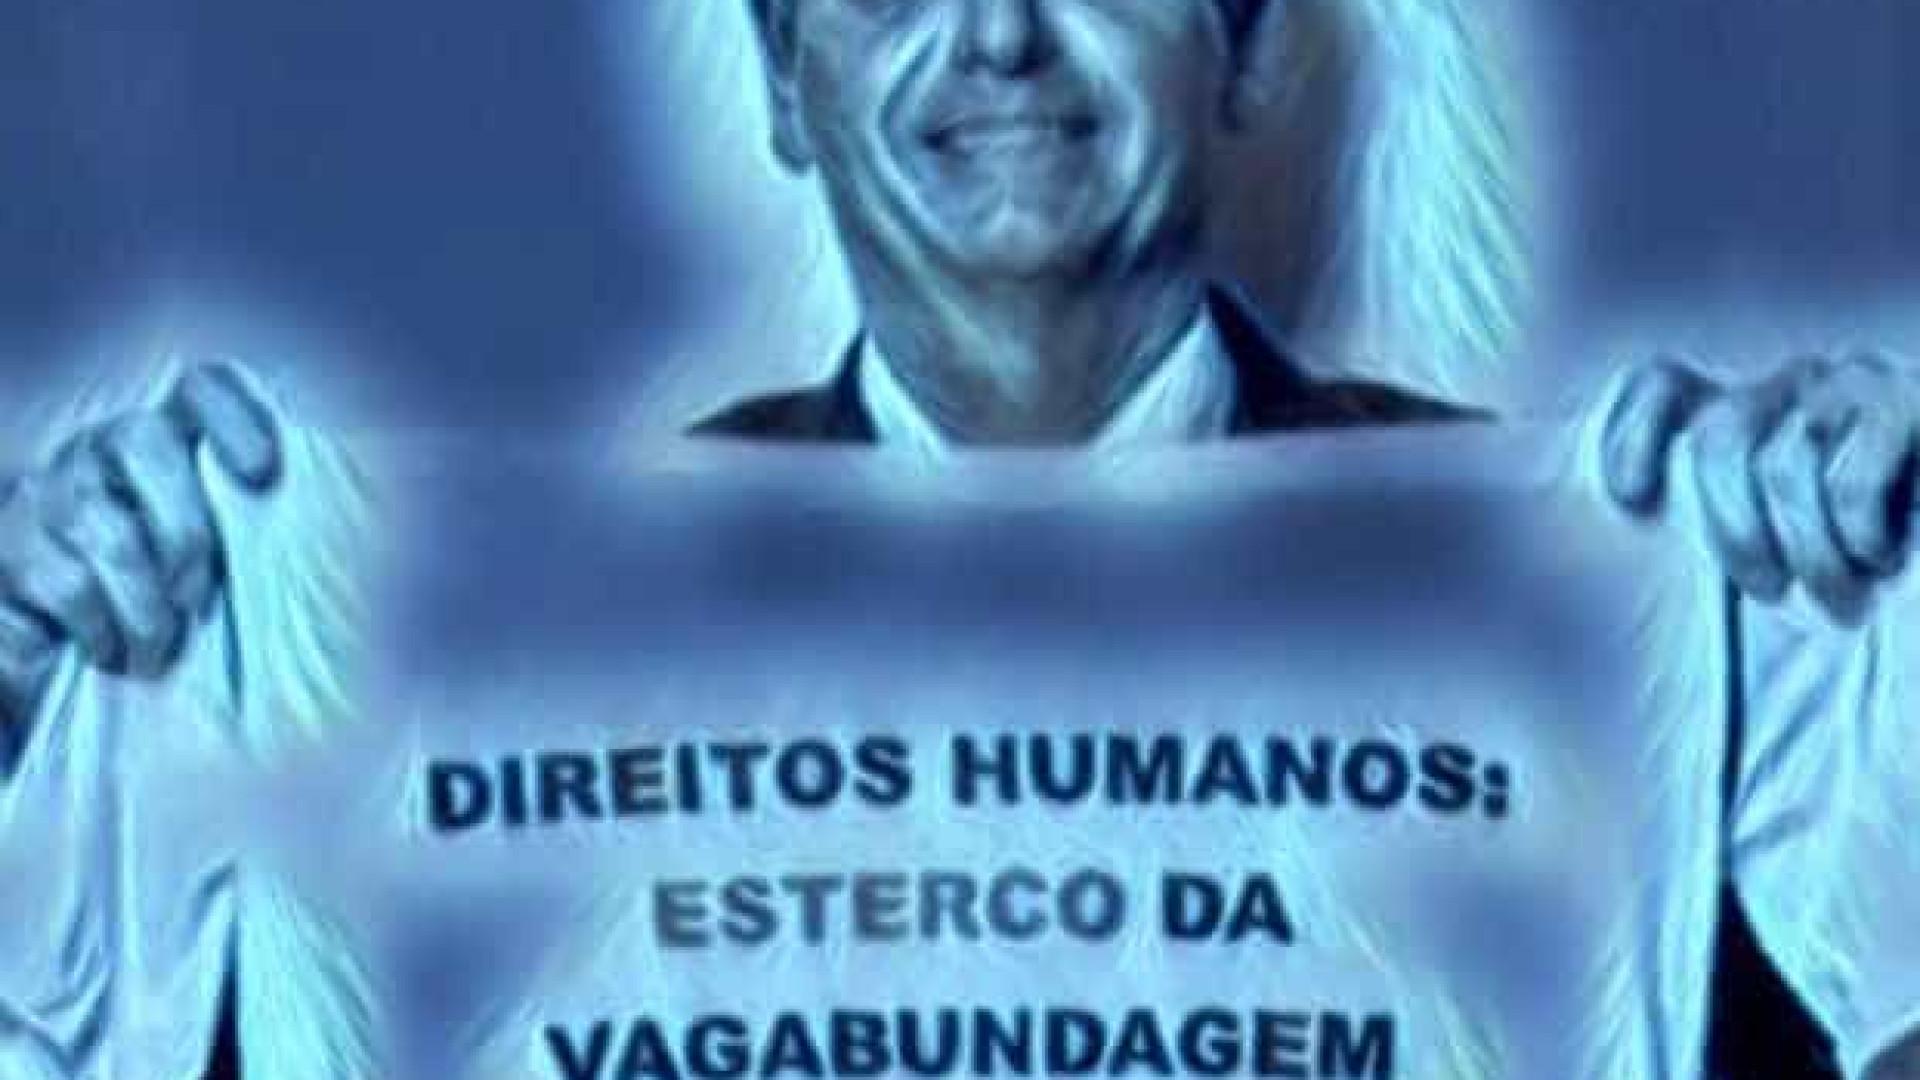 Enem: Bolsonaro chama direitos humanos de esterco e vagabundagem